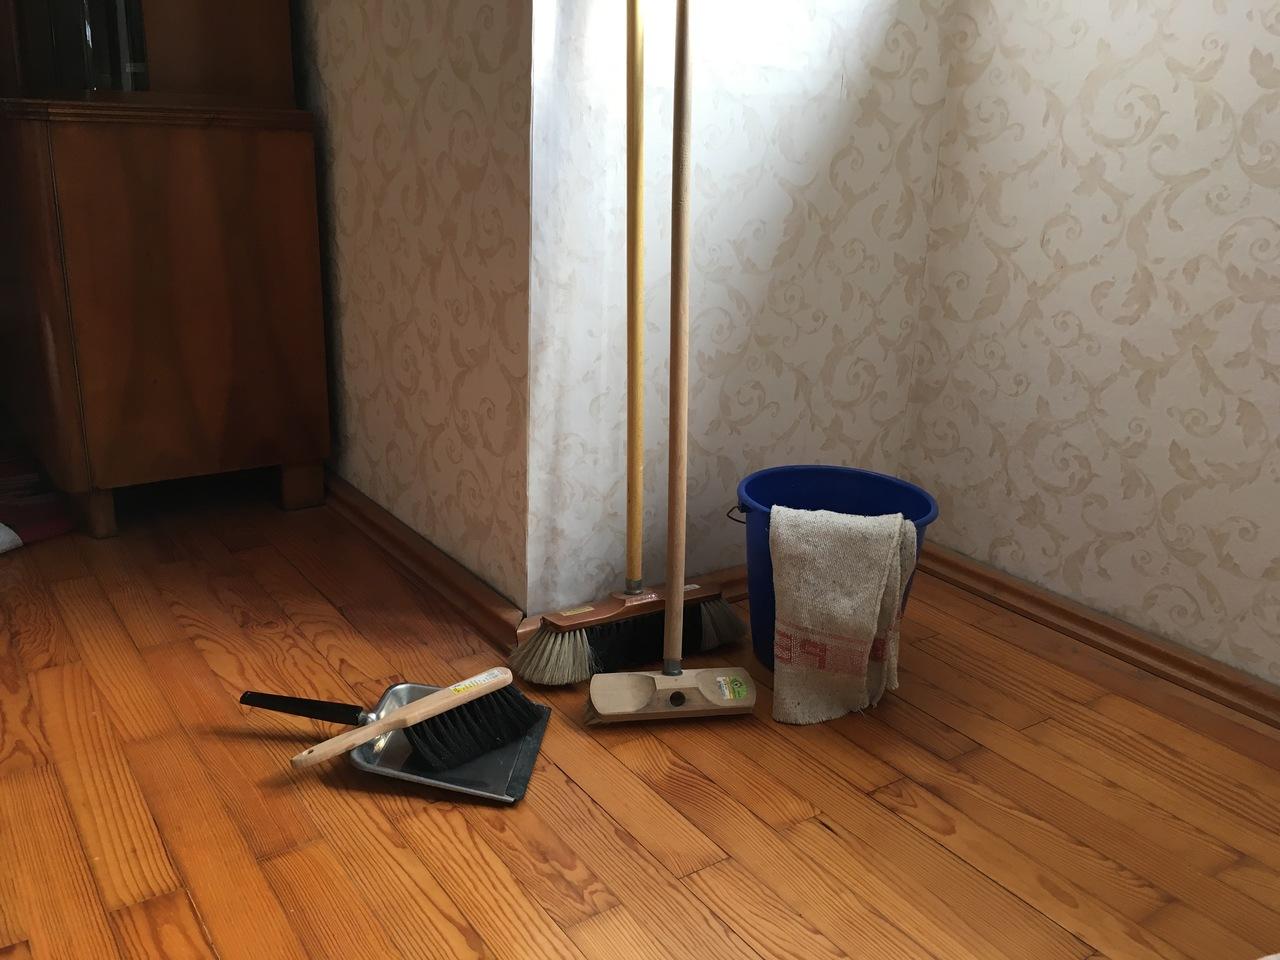 Beton Fußboden Ausgleichen ~ Fußboden neu gießen » thermisto fußbodenheizung holzdielen Öko bau